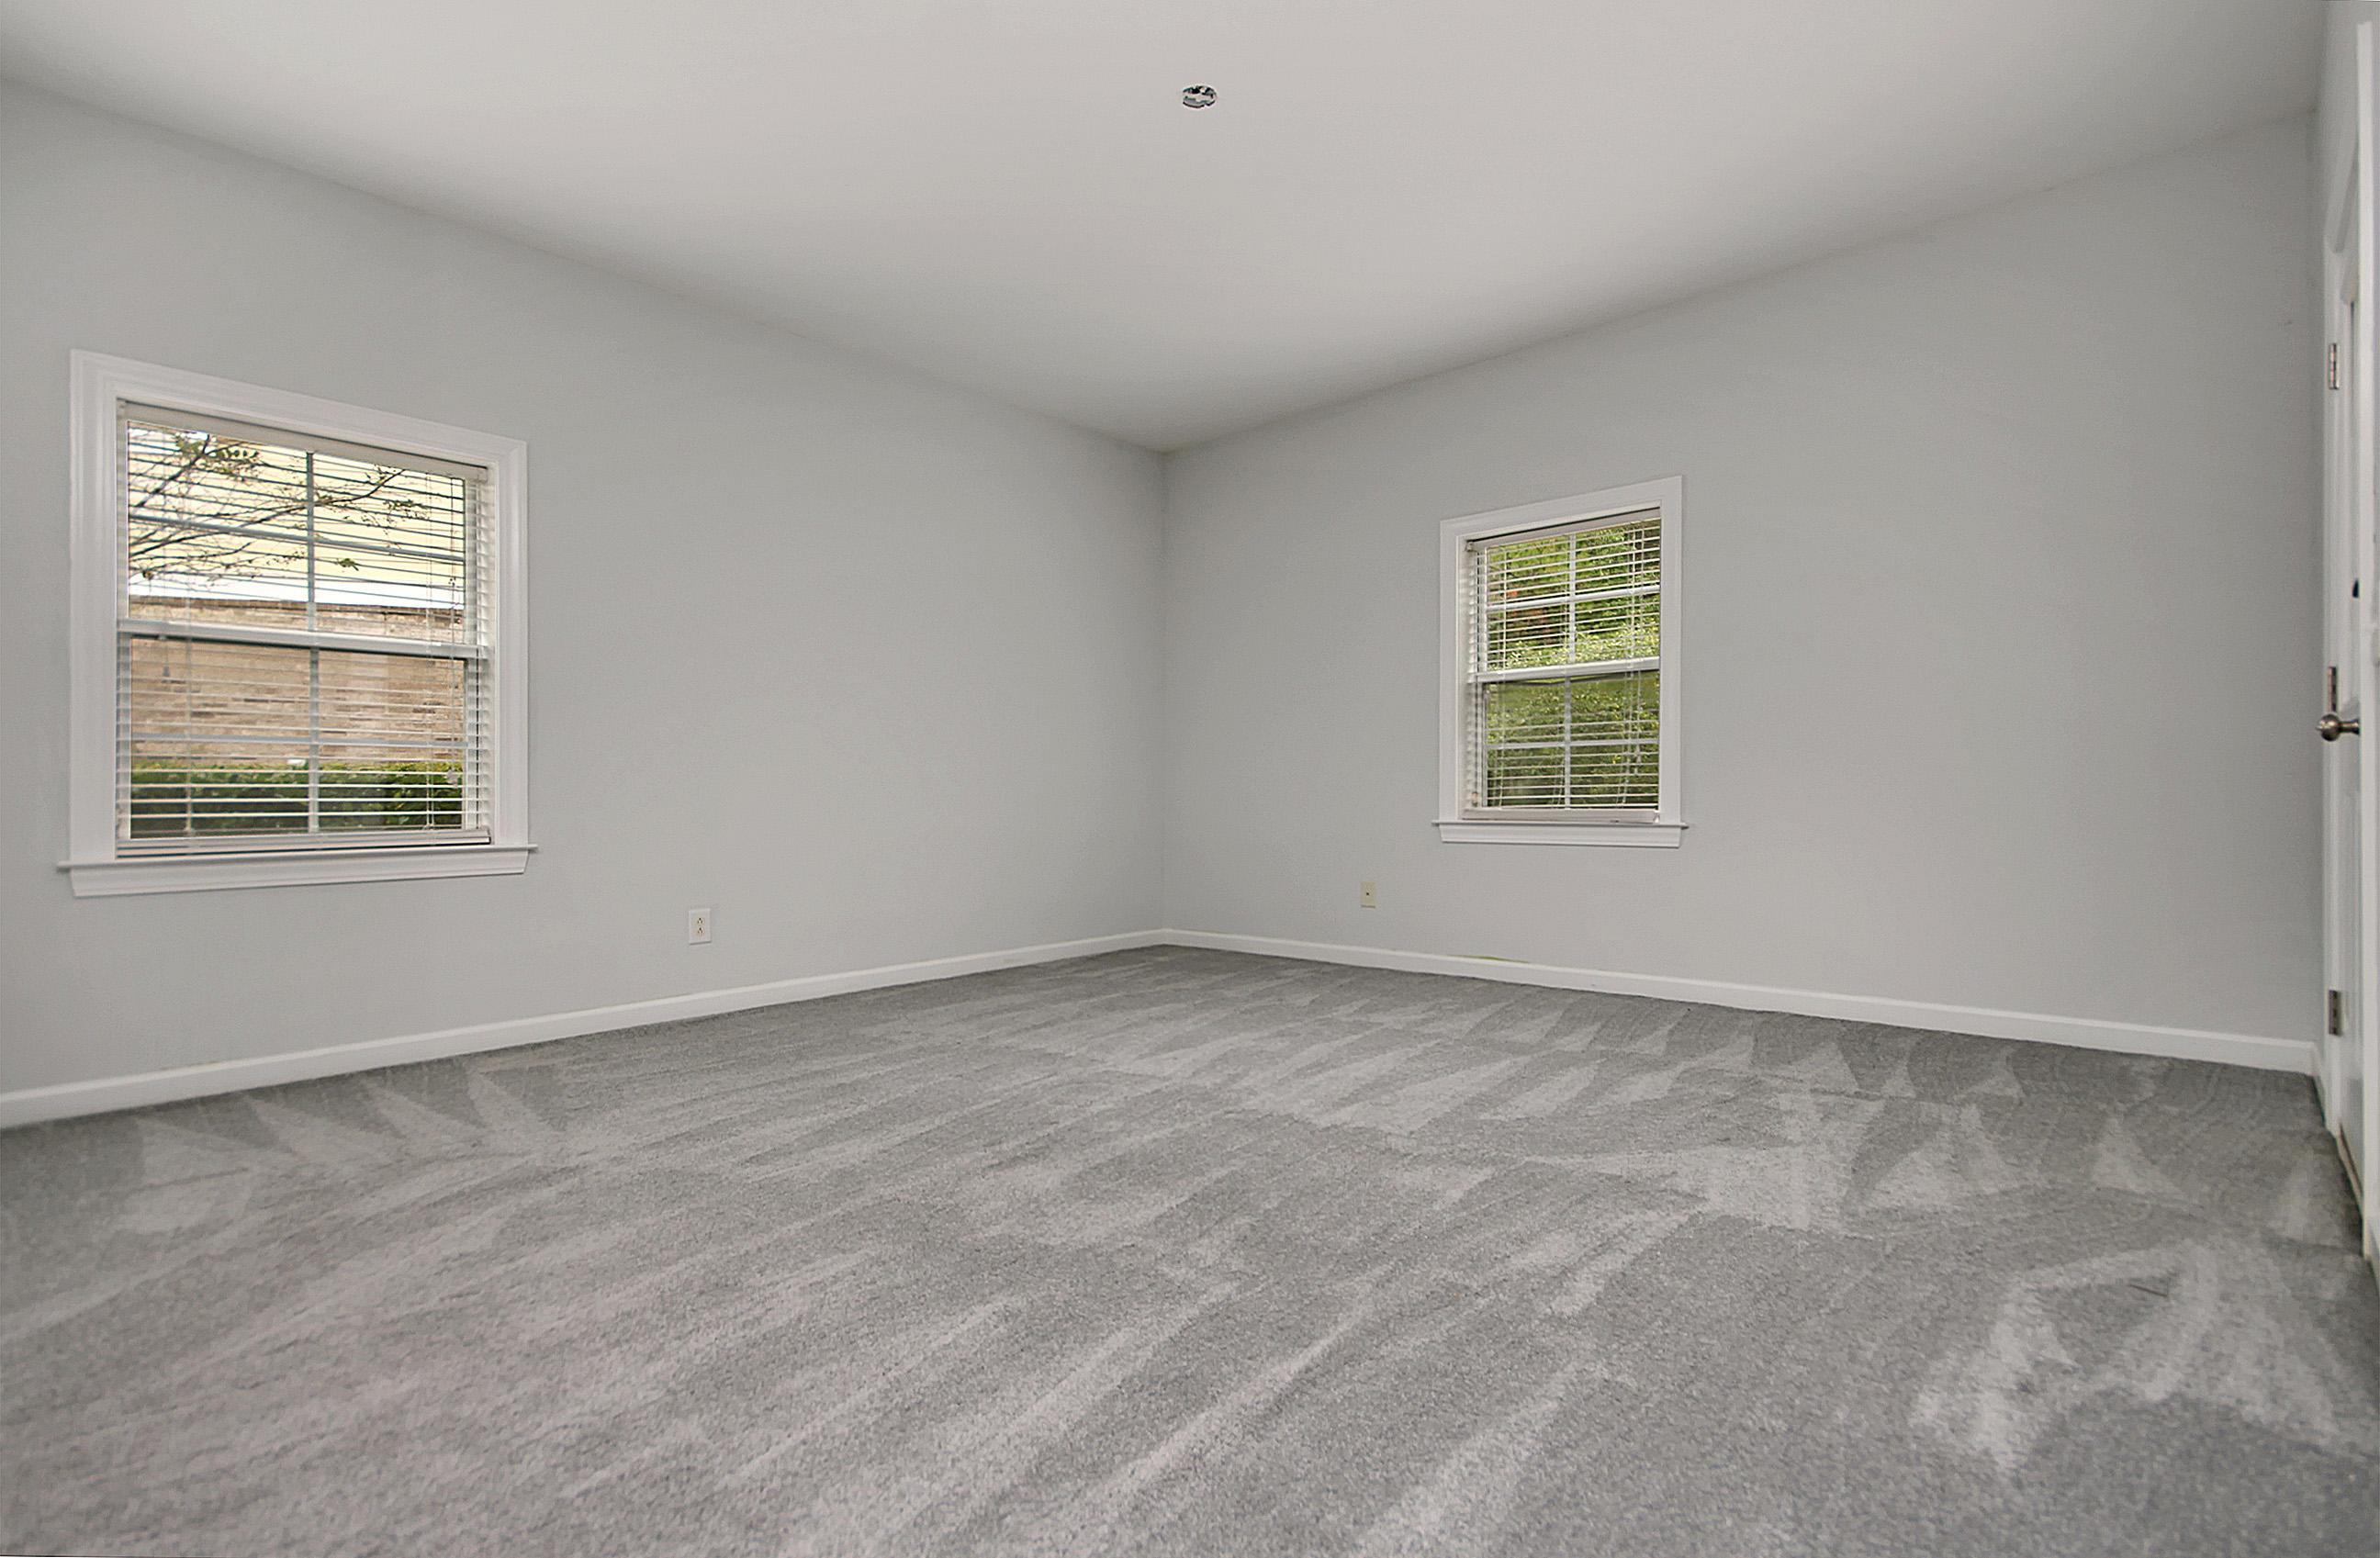 Dunes West Homes For Sale - 148 Palm Cove, Mount Pleasant, SC - 4